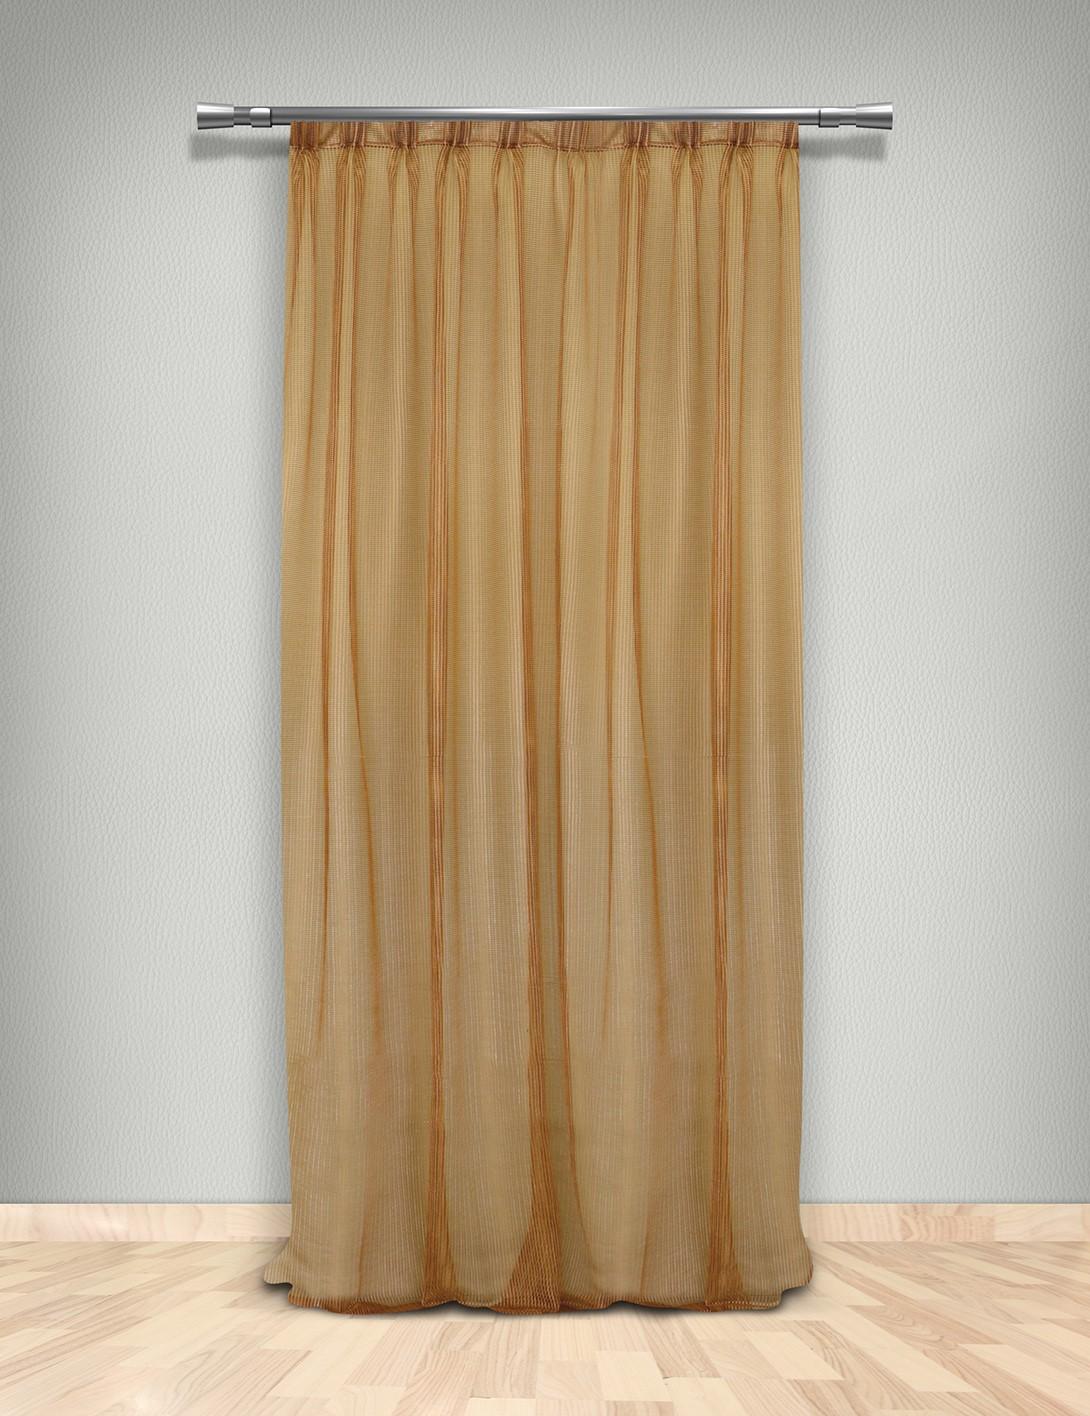 Κουρτίνα (145x300) Δίχτυ Maison Blanche 7026311507